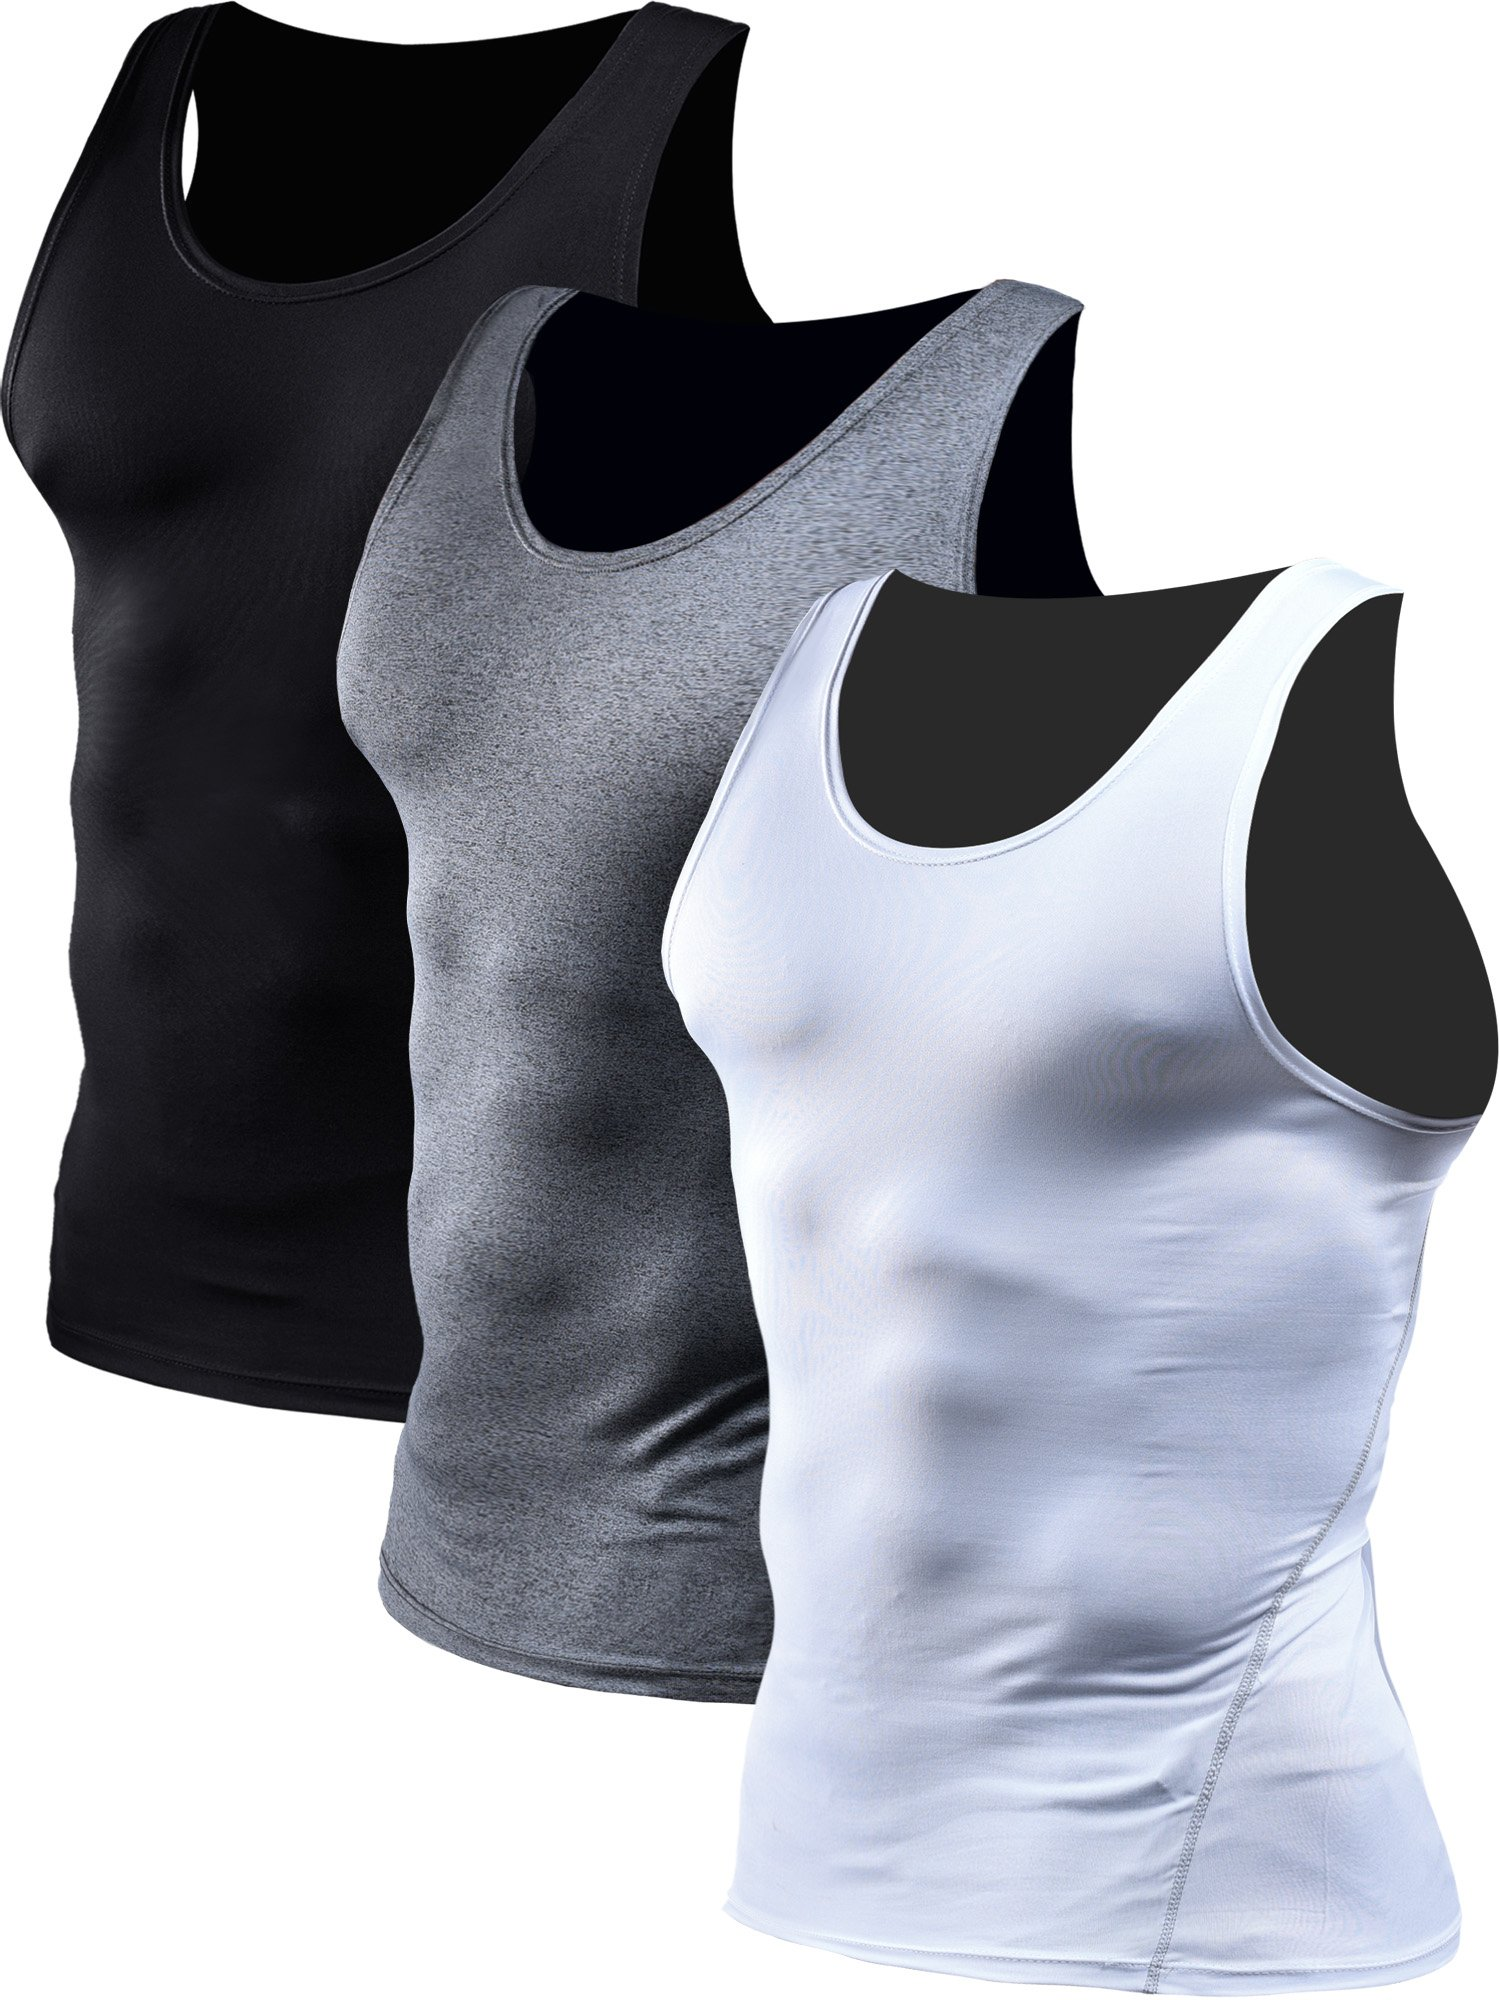 Neleus Men's 3 Pack Athletic Compression Under Base Layer Sport Tank Top,01,Black,Grey,White,L,EUR XL by Neleus